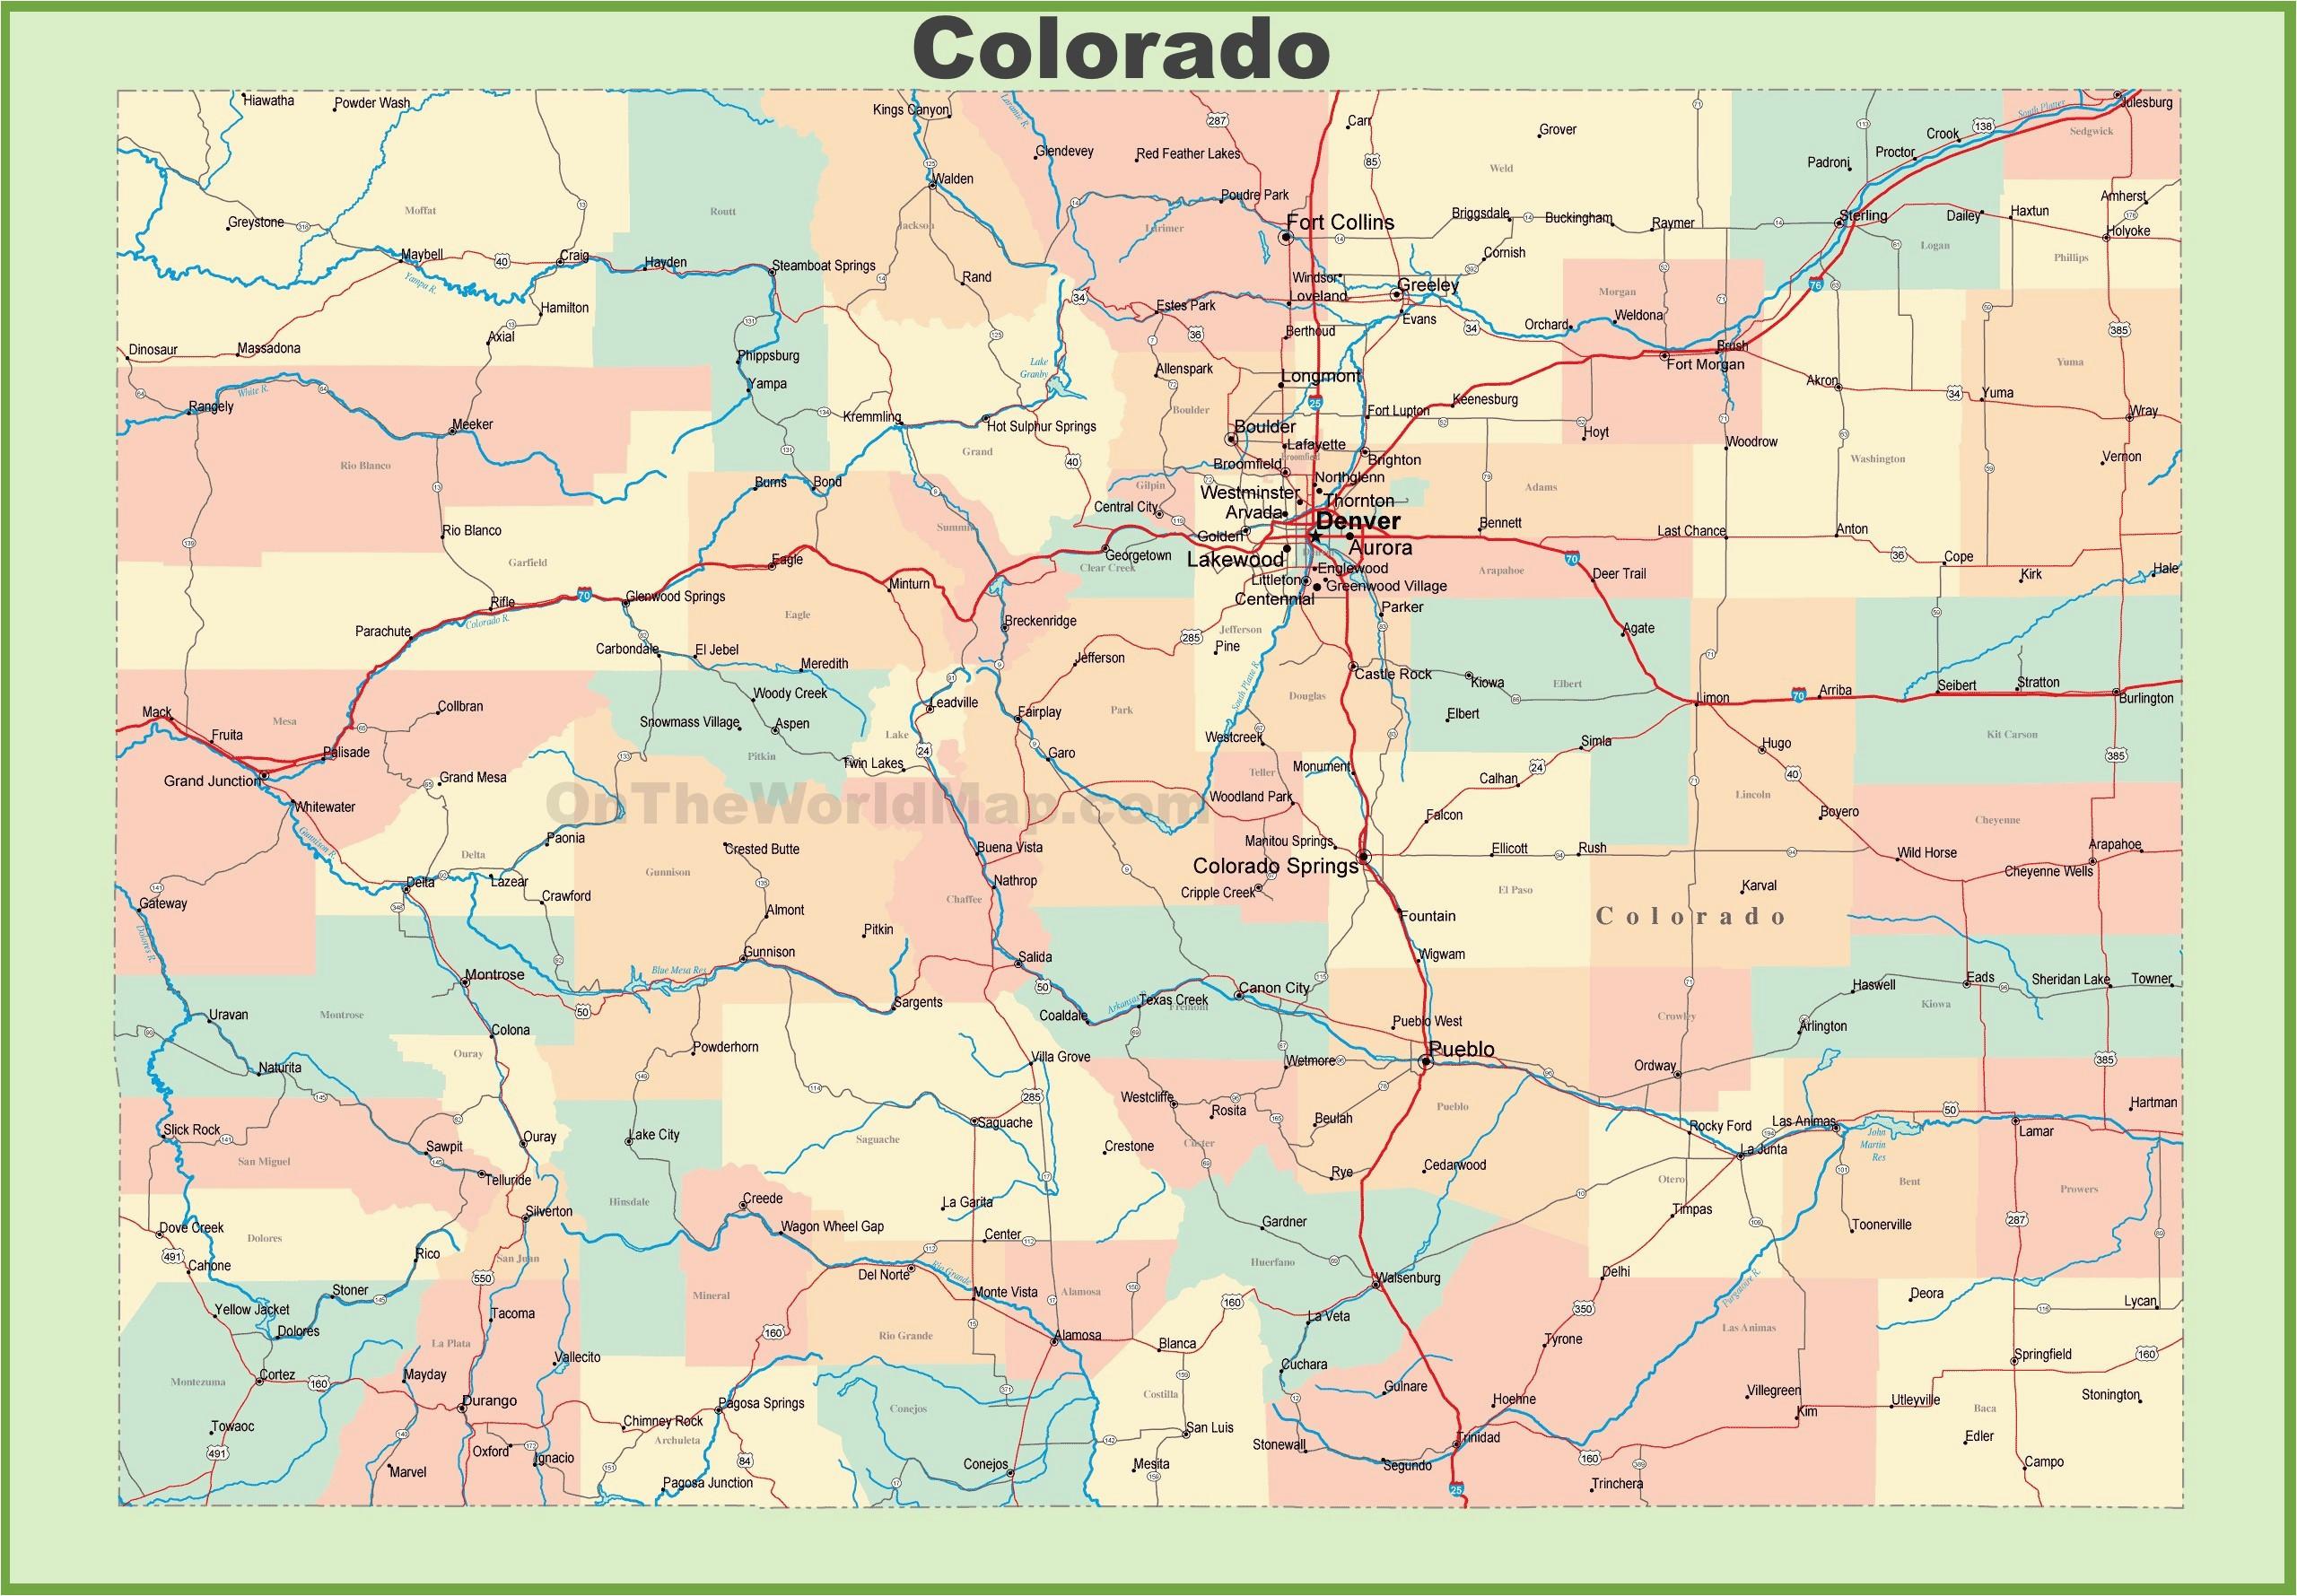 Colorado Peaks Map | secretmuseum